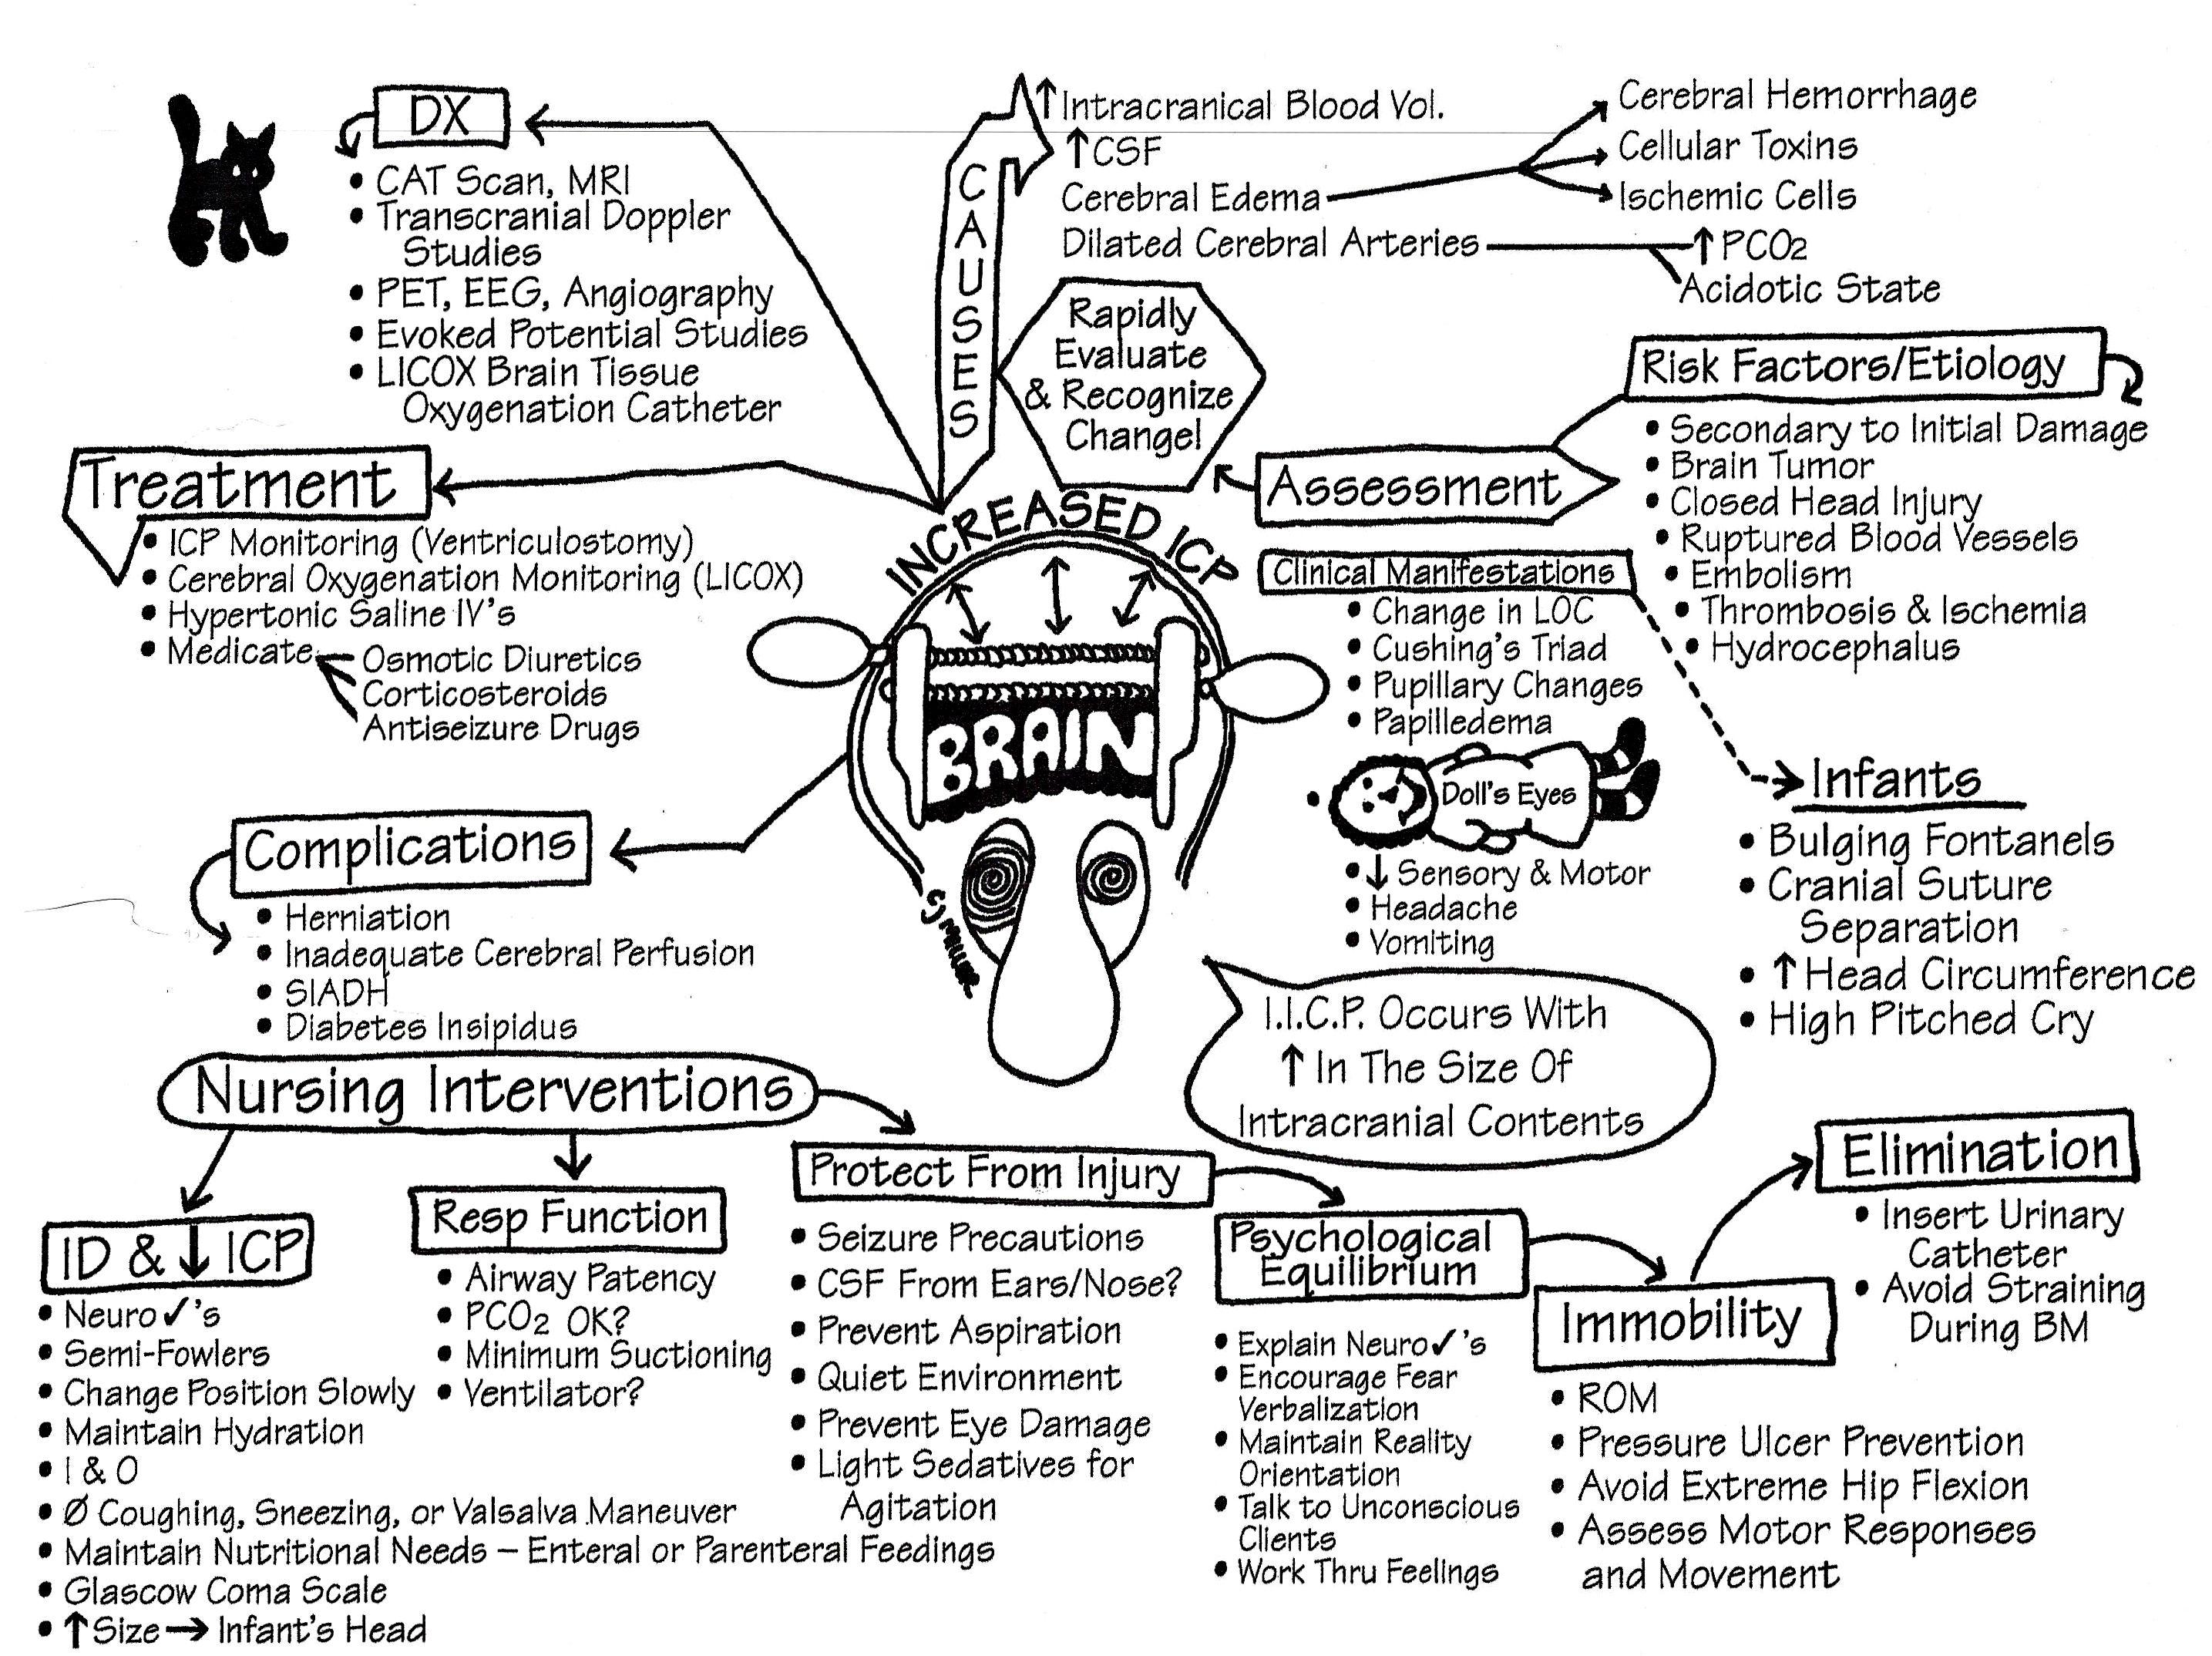 Pin By Zamaisa 2008 On Nclex Rn Nursing Information Nursing